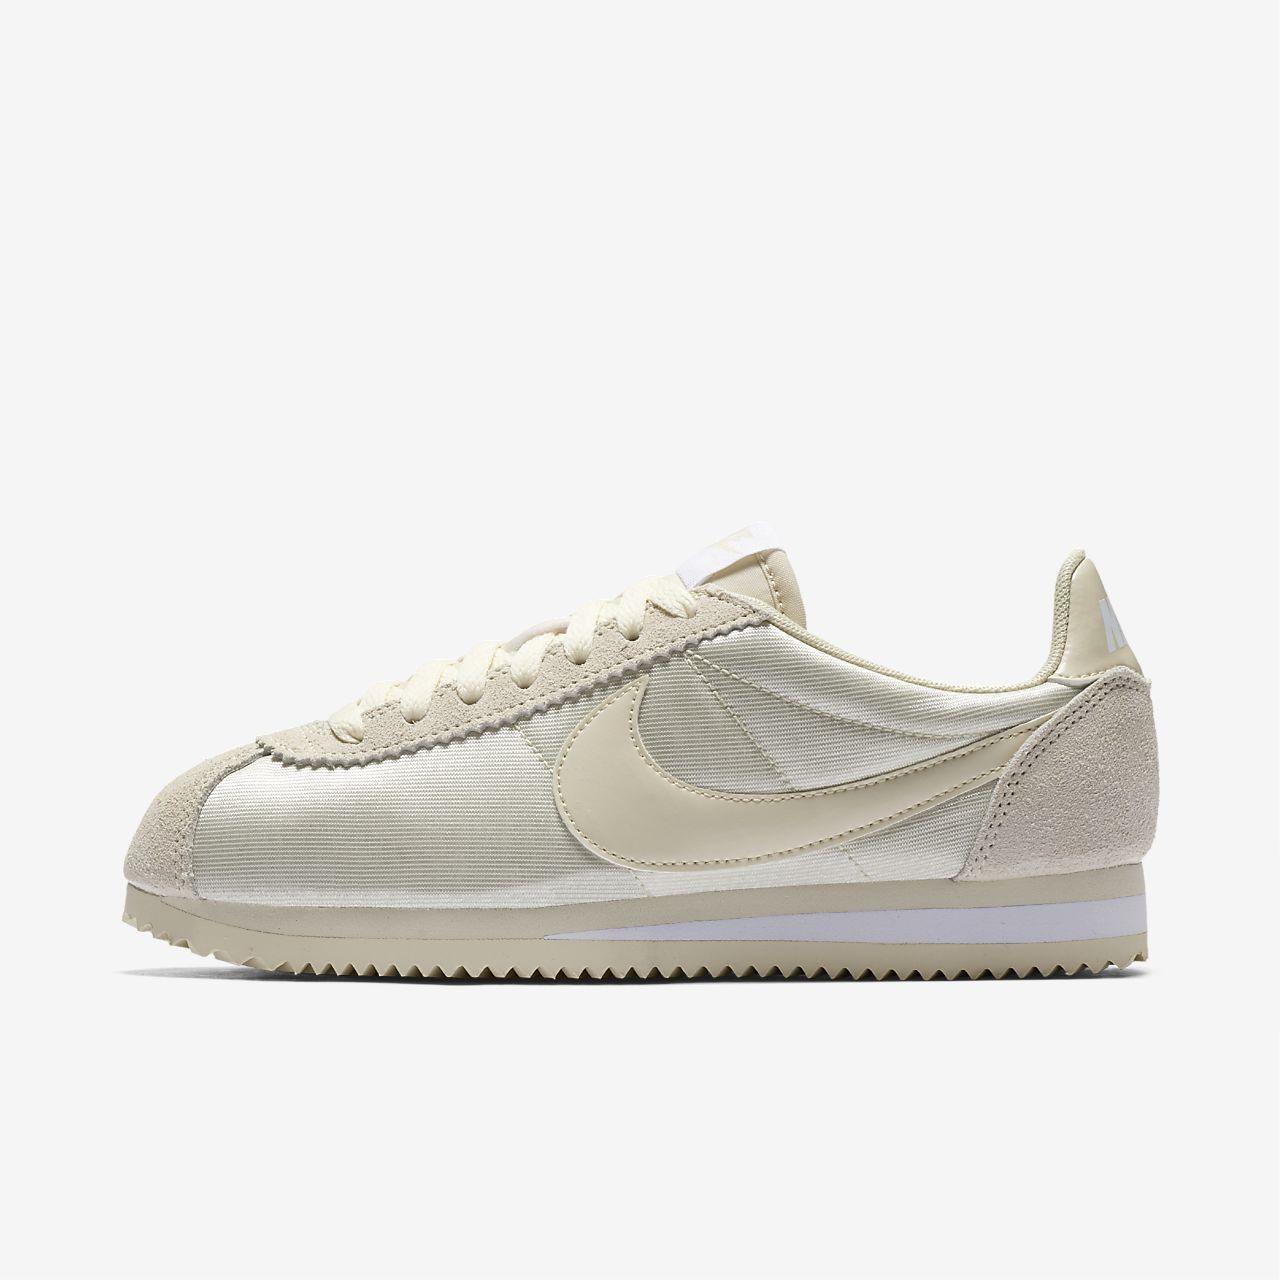 new product 2b579 6e308 ... clearance nike cortez mujer nylon zapatillas rosa blanco peru zapatillas  es4523 413cf 6cae9